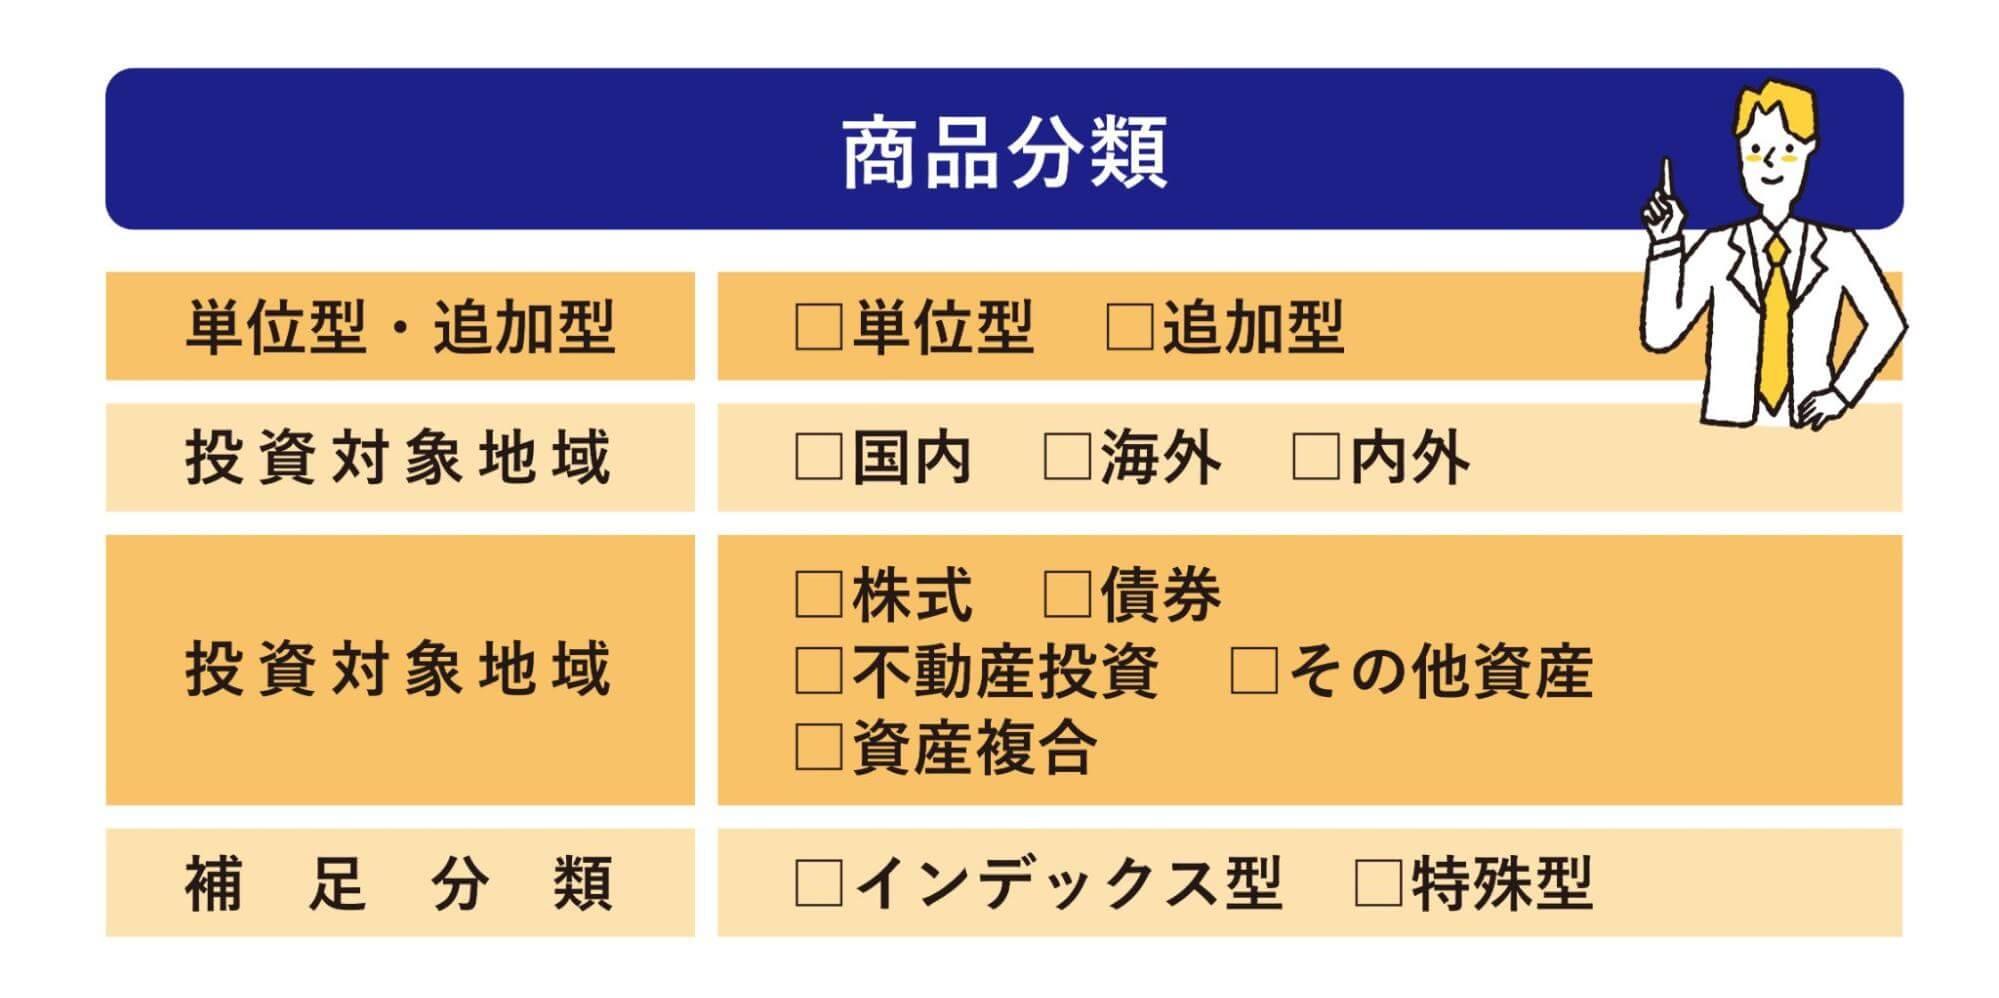 交付目論見書の表紙「商品分類」の記載事項